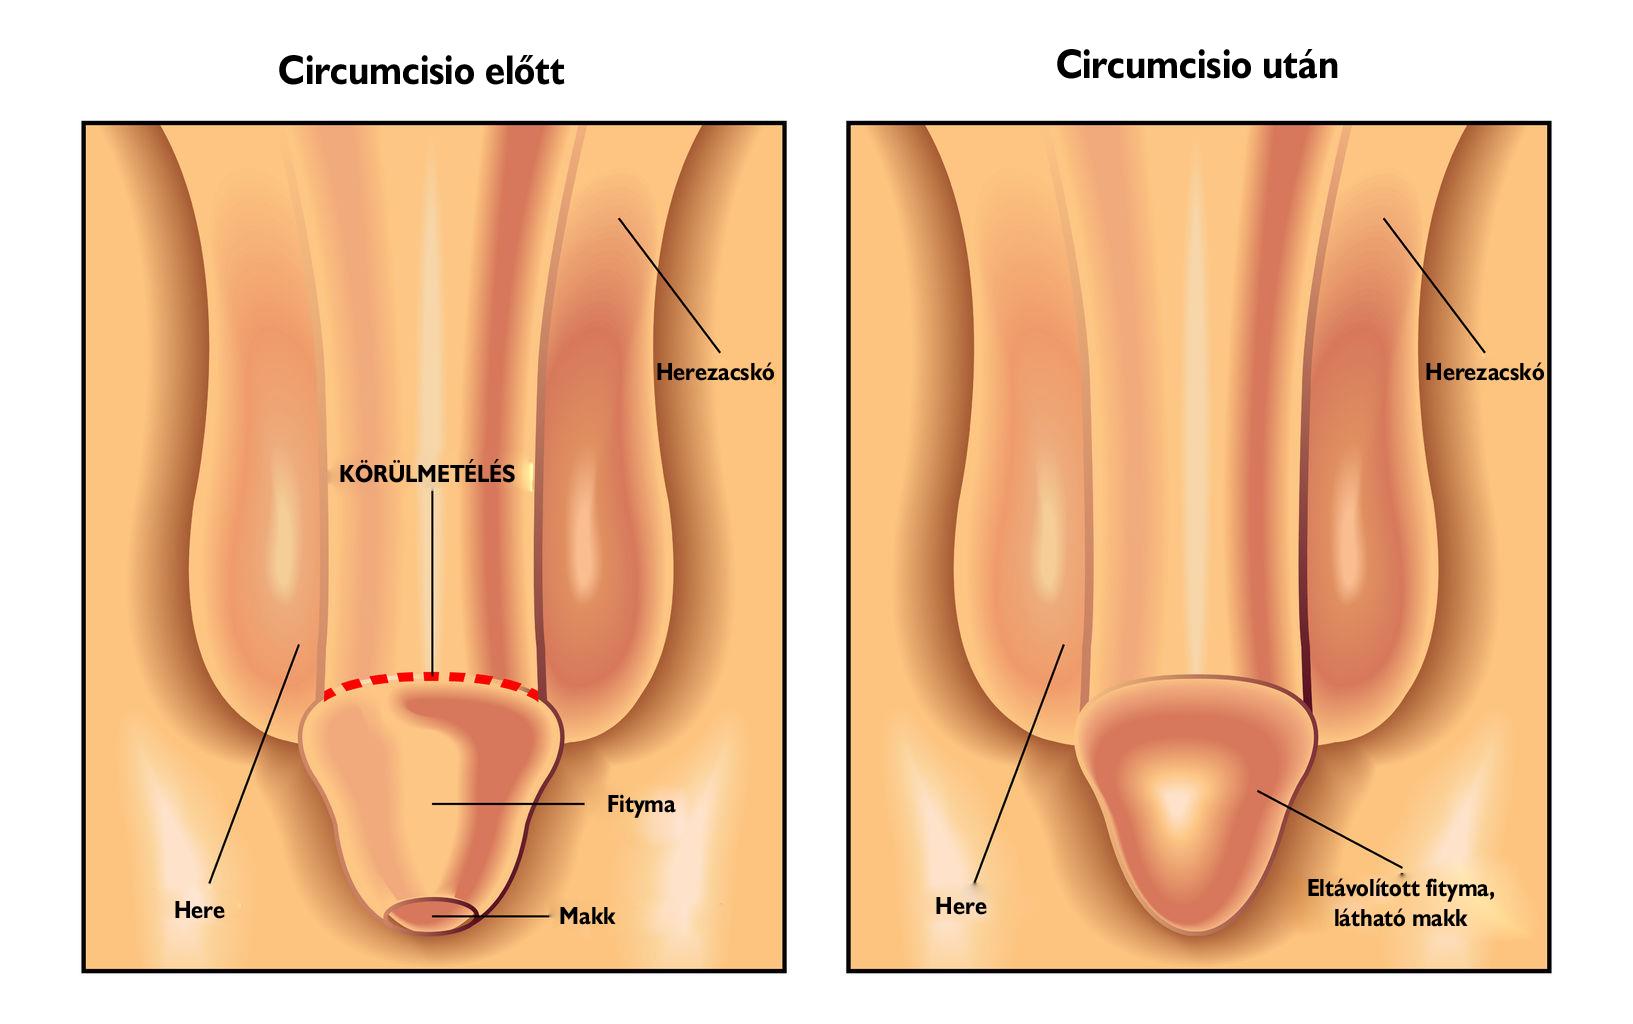 Valamilyen oknál fogva a pénisz vénája duzzadt: mit kell tennie? - Tünetek - September